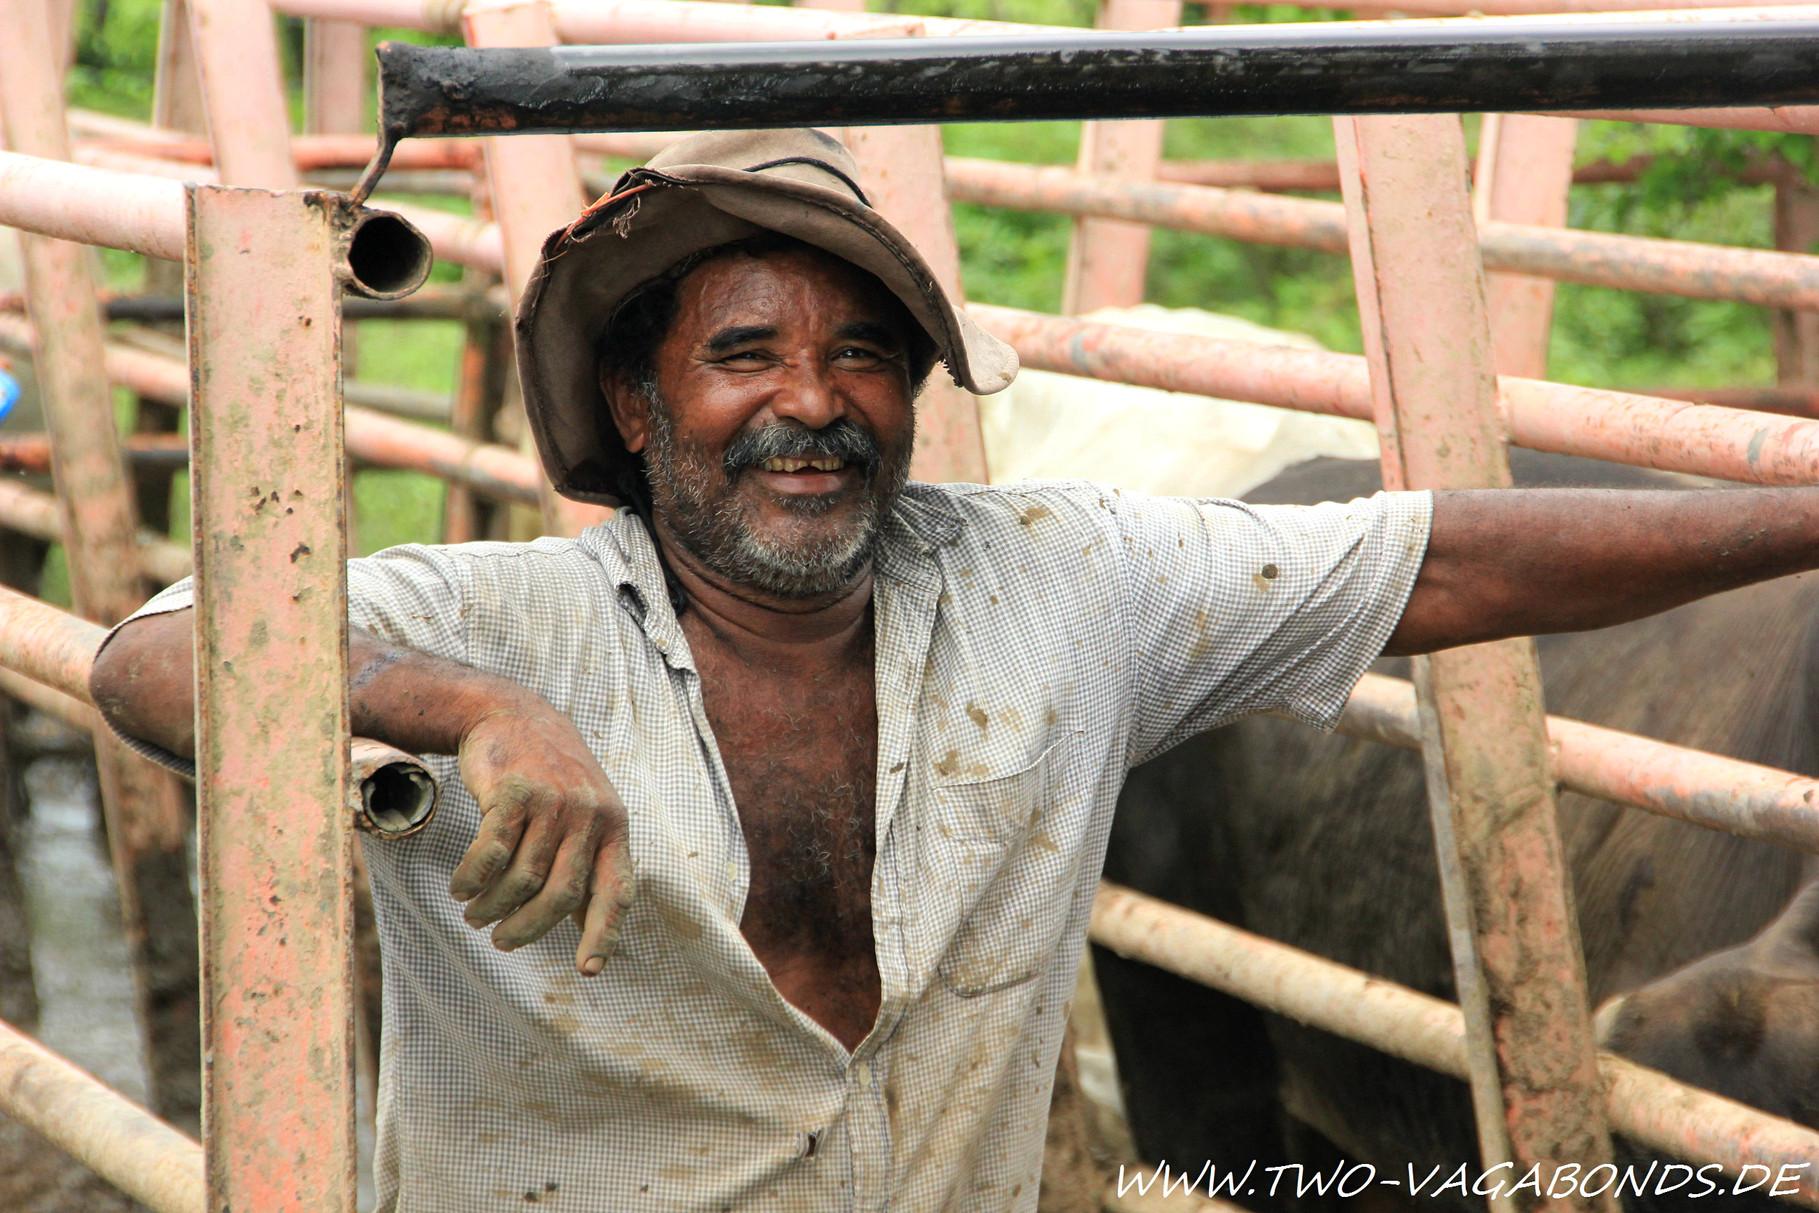 VENEZUELA 2014 - LLANOS COWBOYS